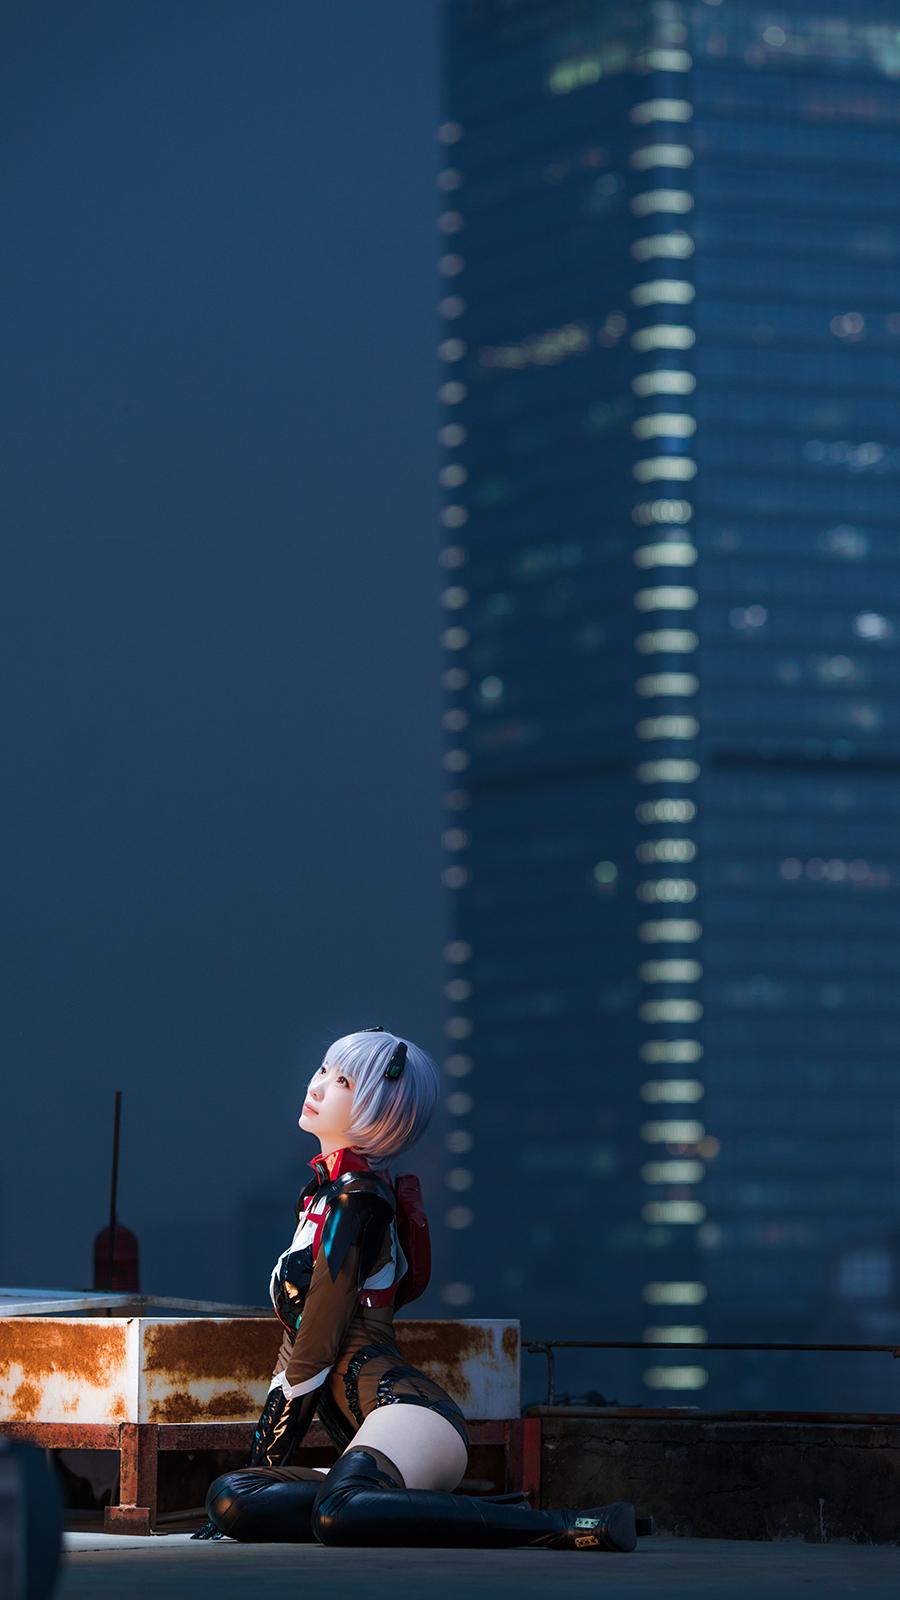 画像,绫波丽#EVA #evangelion #新世纪エヴァンゲリオン https://t.co/vXpmgXwEJ7。